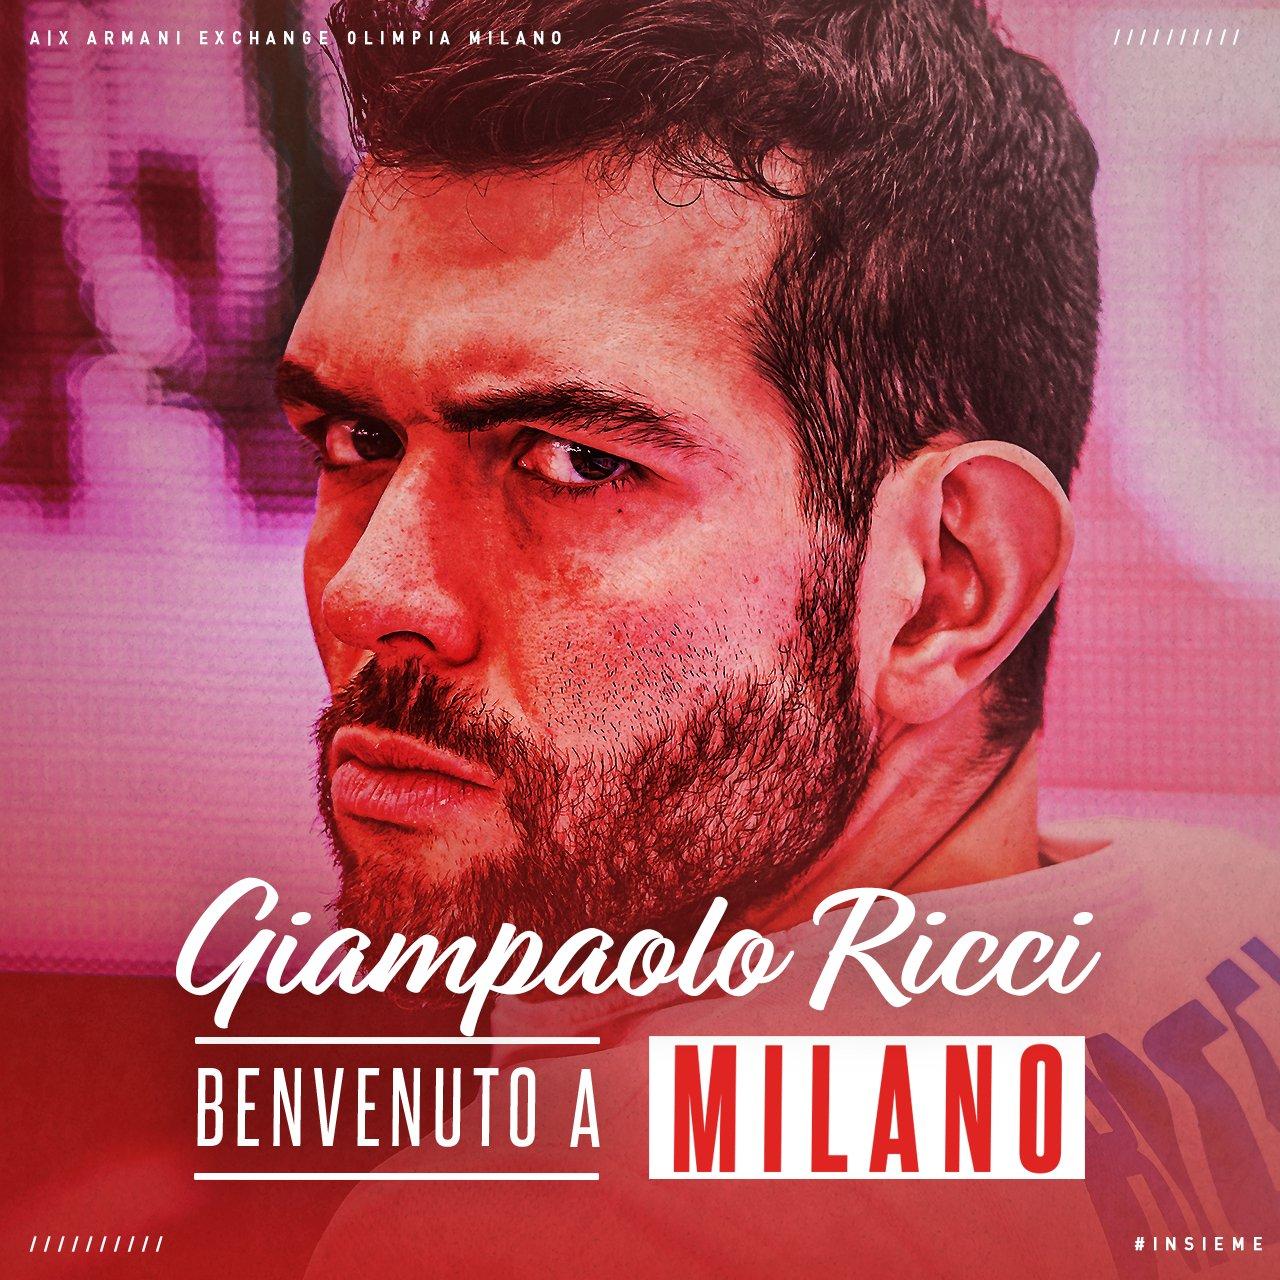 Olimpia Milano: ufficiale il biennale per Giampaolo Ricci